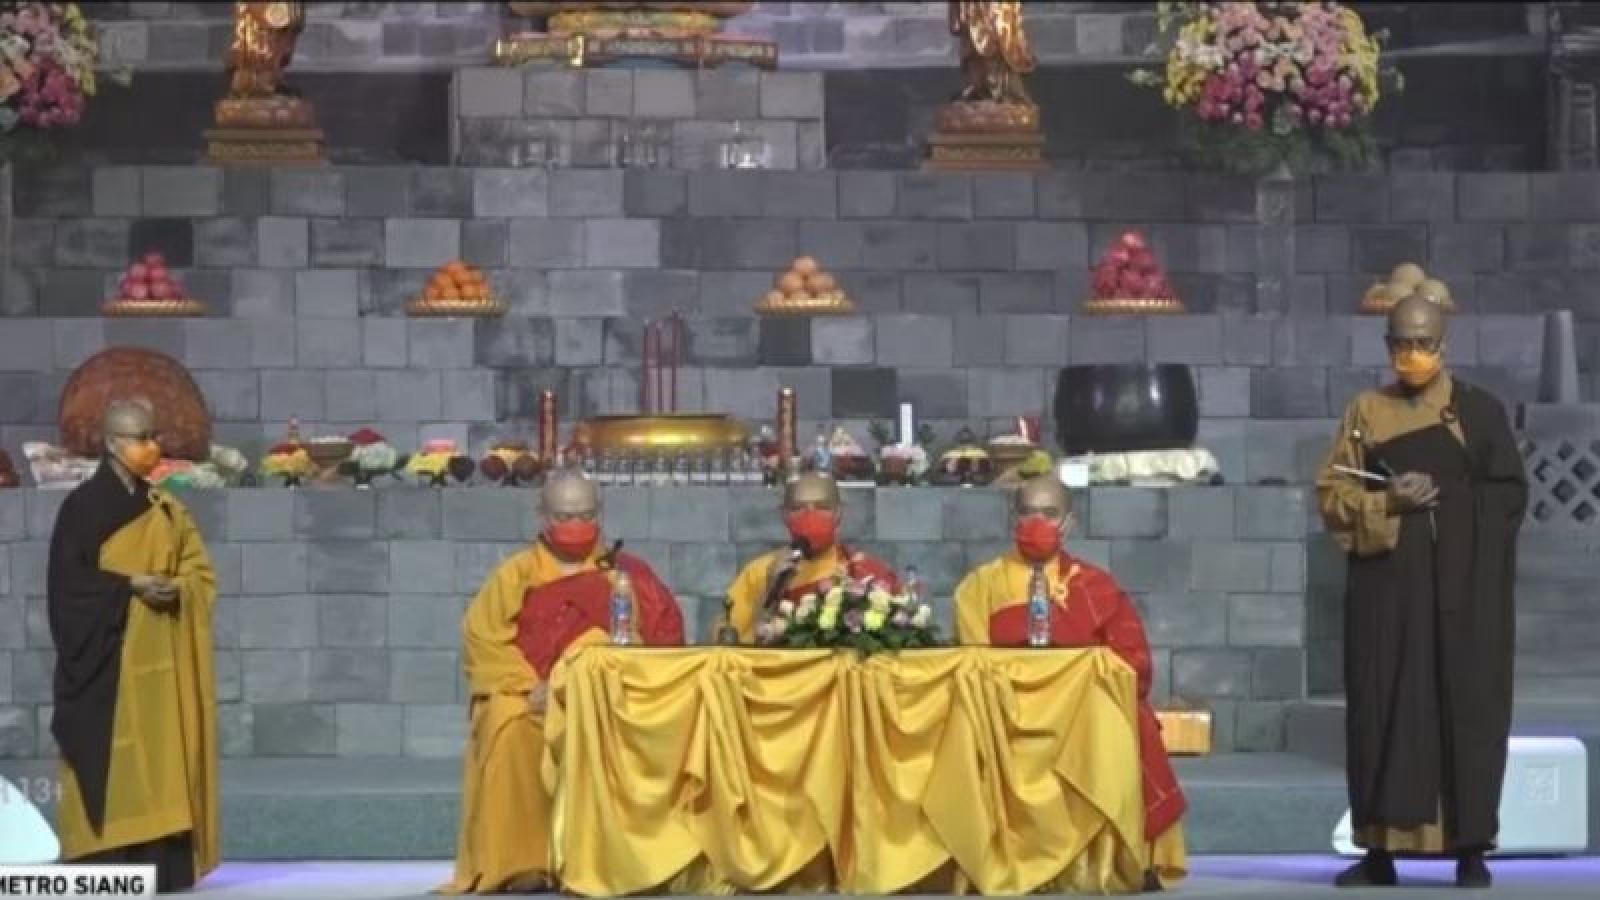 Quốc gia Hồi giáo Indonesia đón đại lễ Phật đản 2021 trong đại dịch